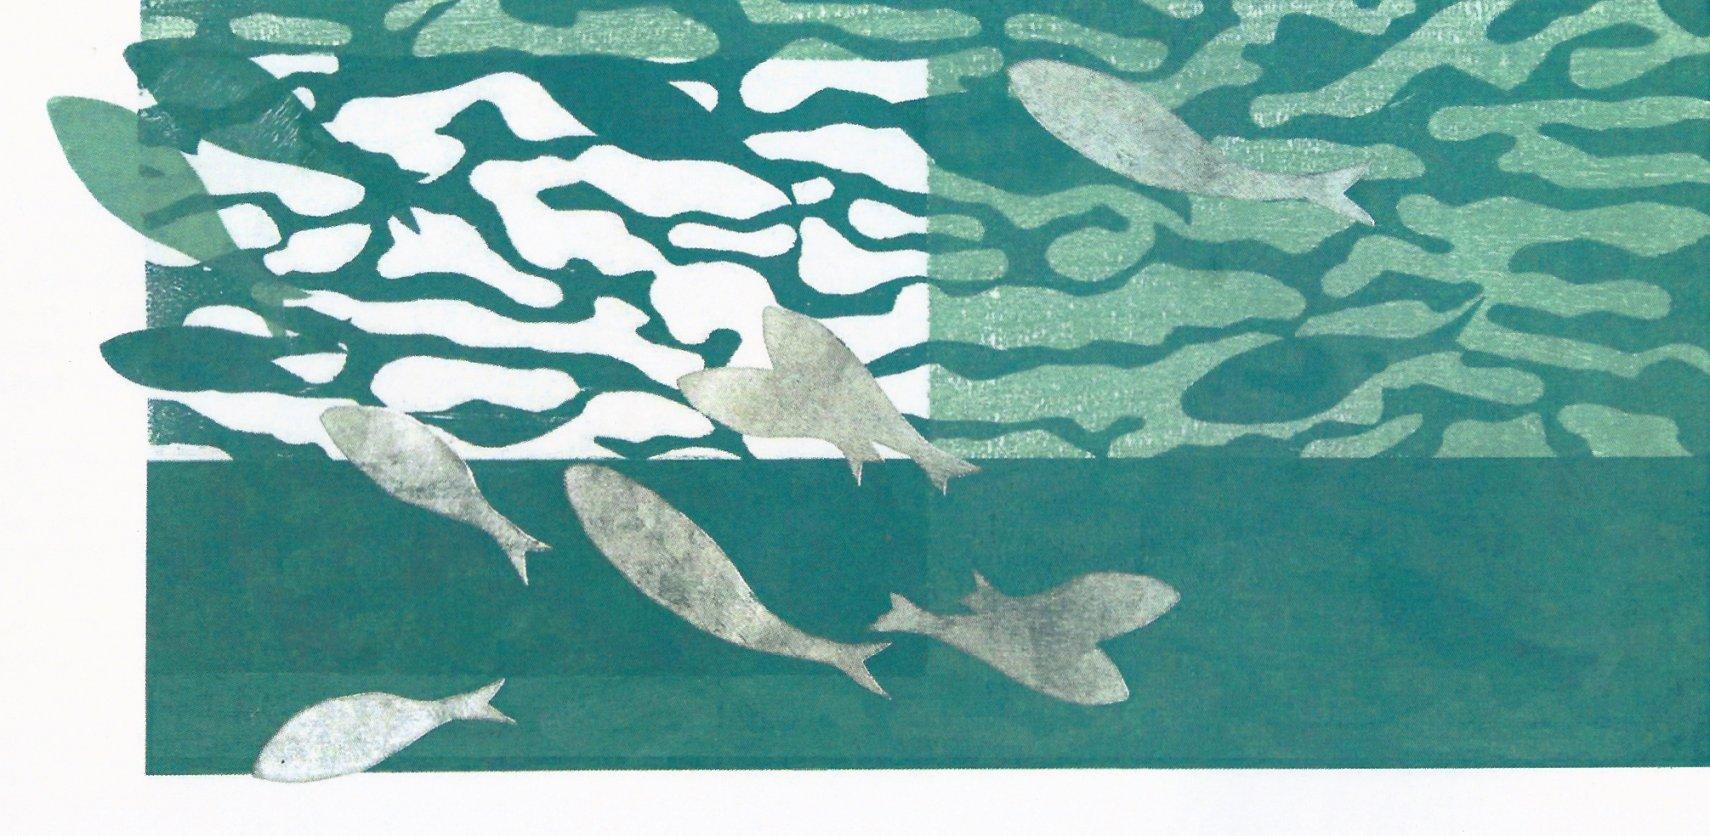 Elogio al Mar. (2010) - Conchy Rivero